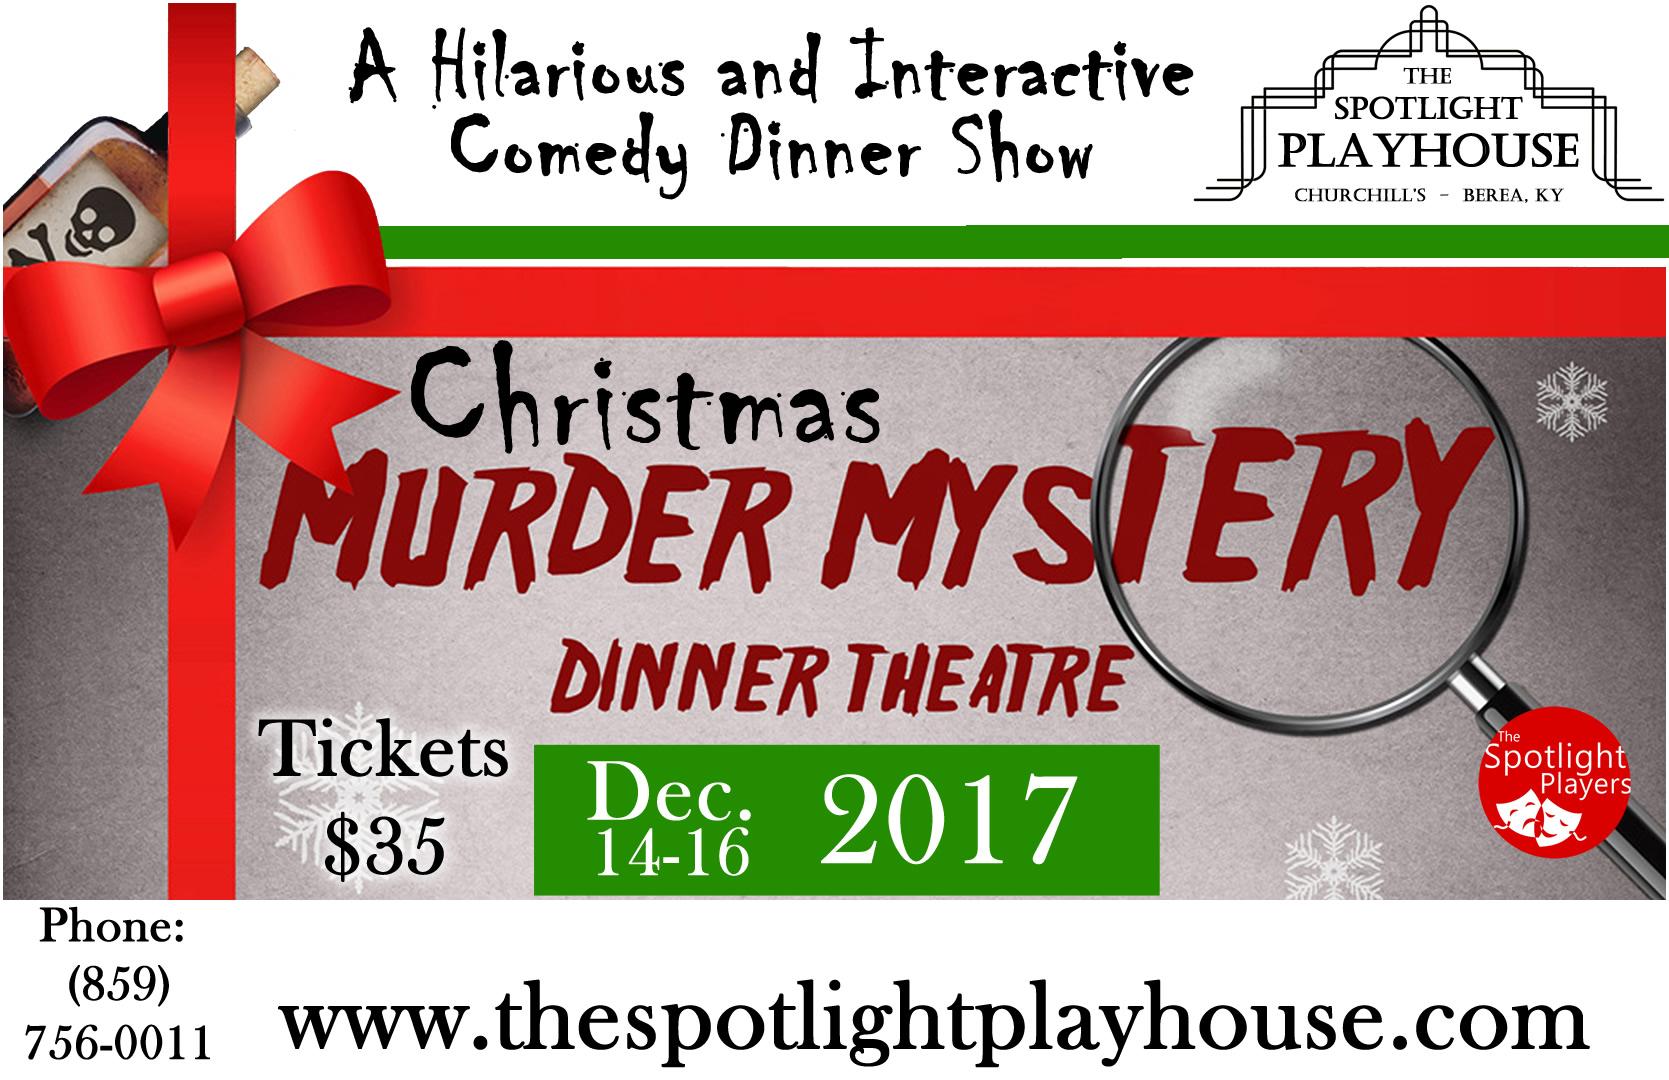 Christmas Murder Mystery Dinner Show